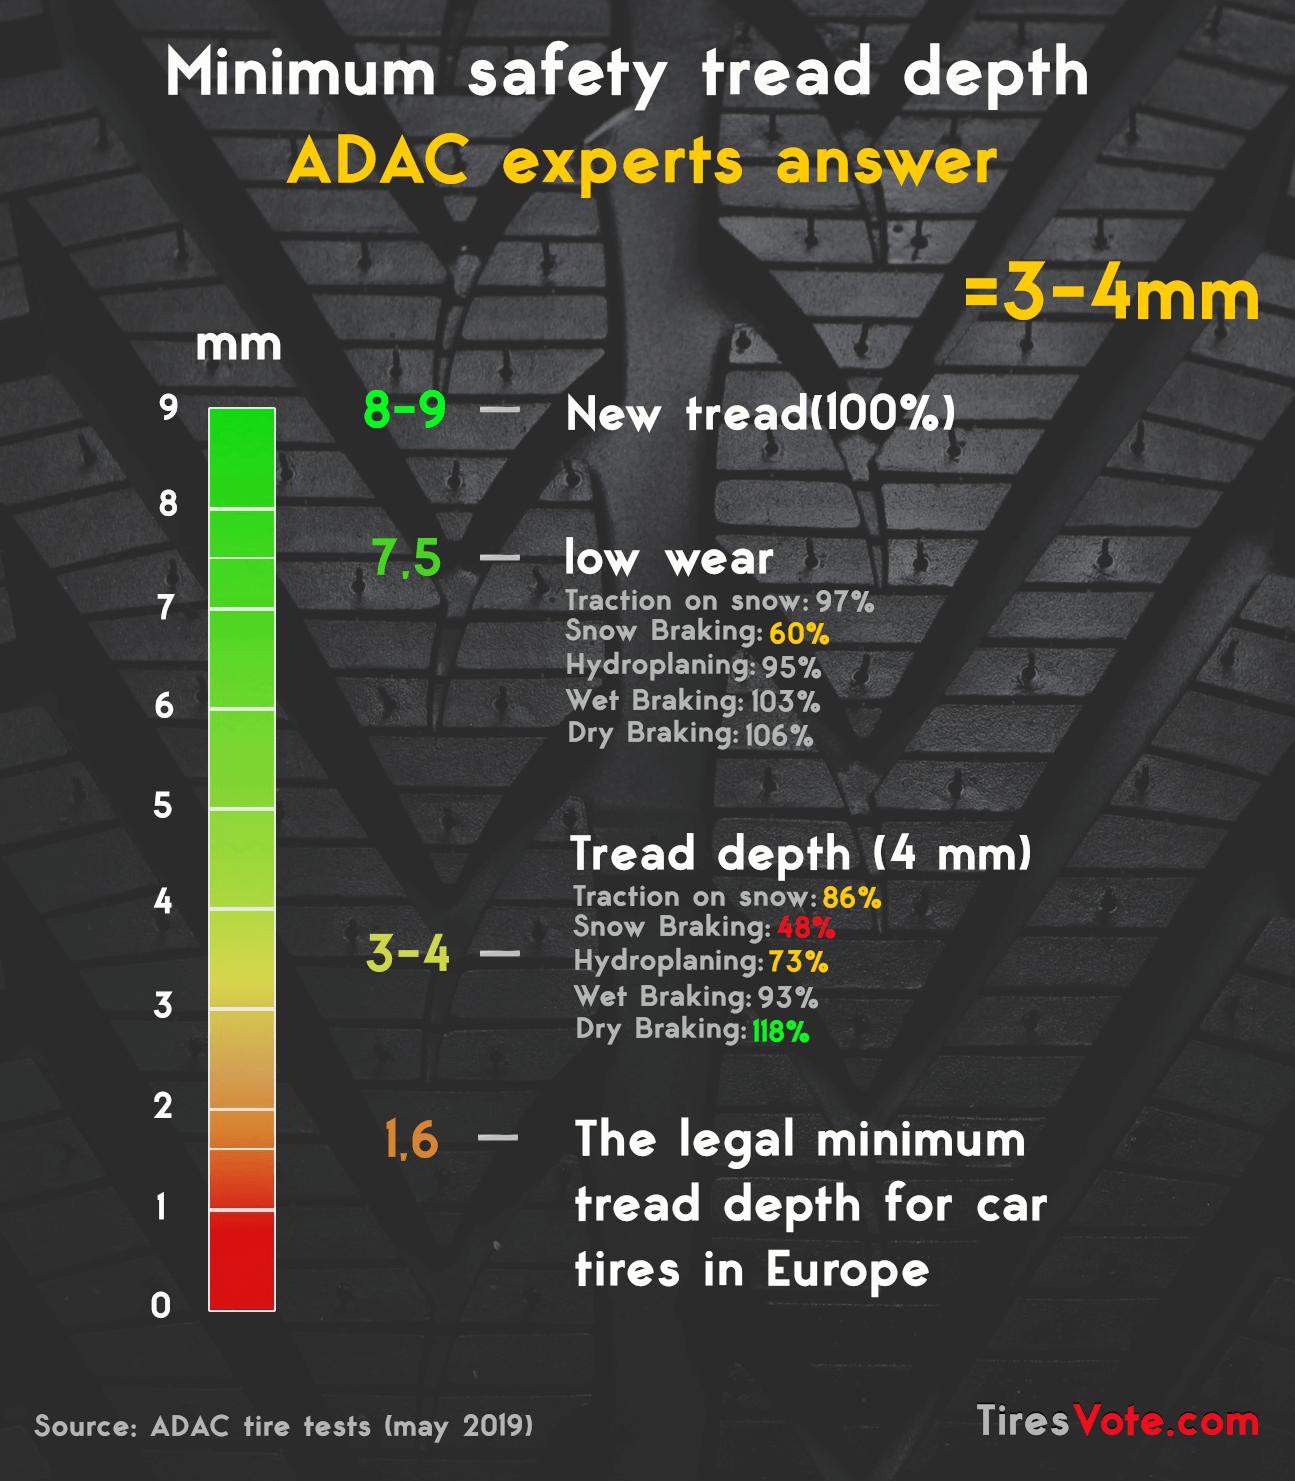 Minimum safe tread depth